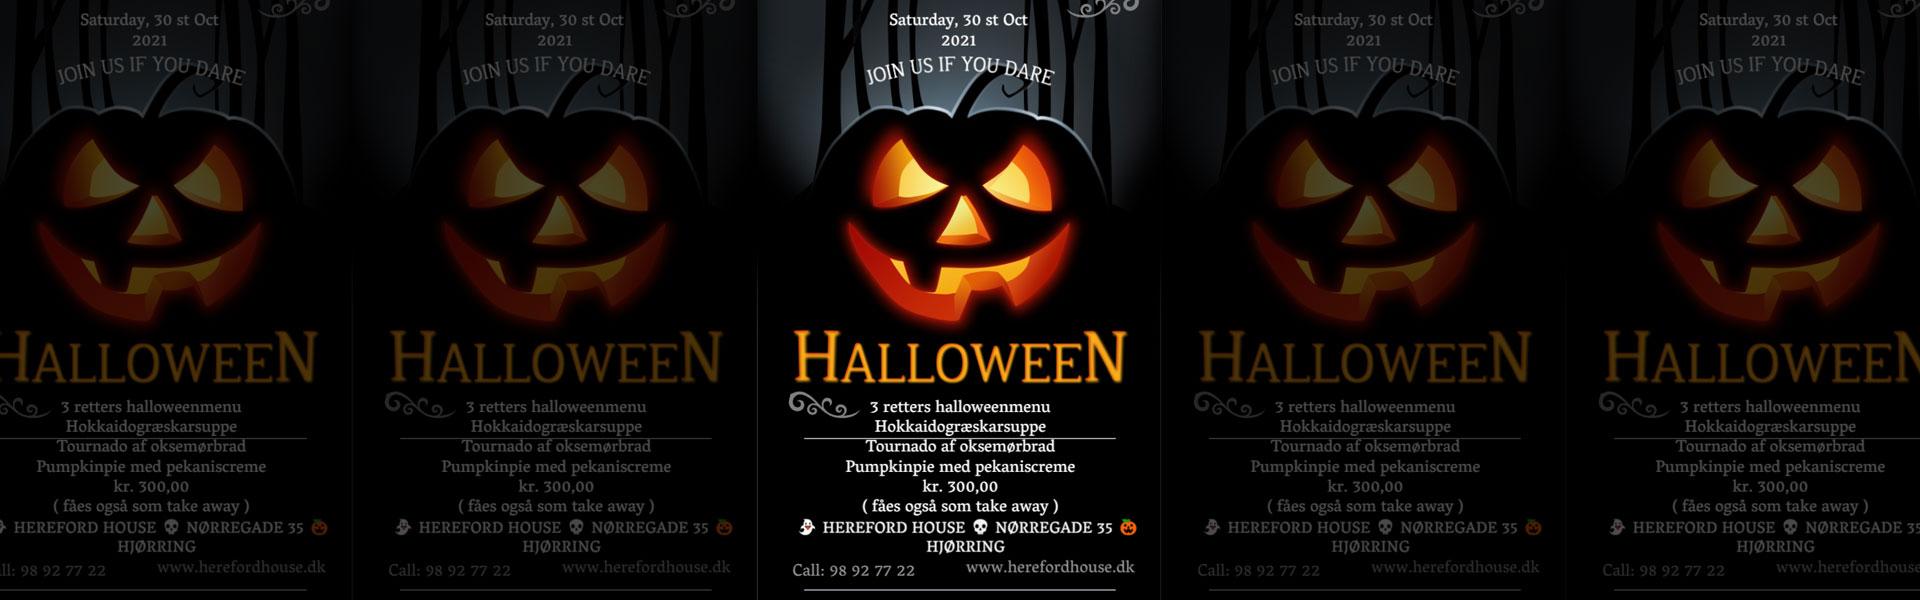 halloween-restaurant-hereford-house-hjoerring